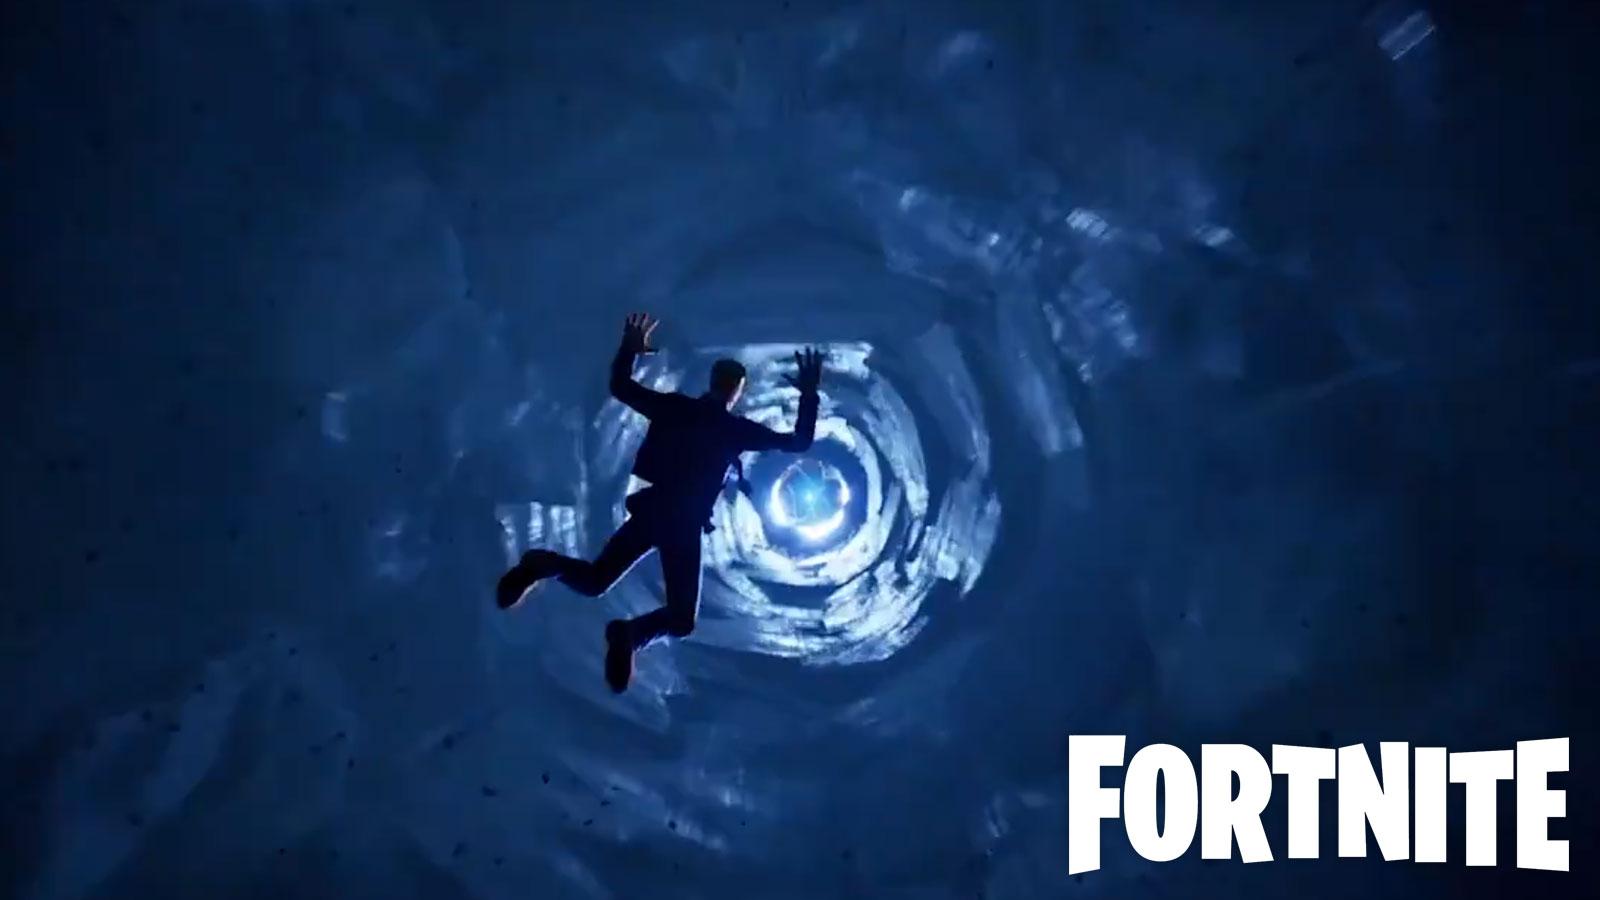 Les joueurs de Fortnite sont confrontés à des écrans de chargement infinis